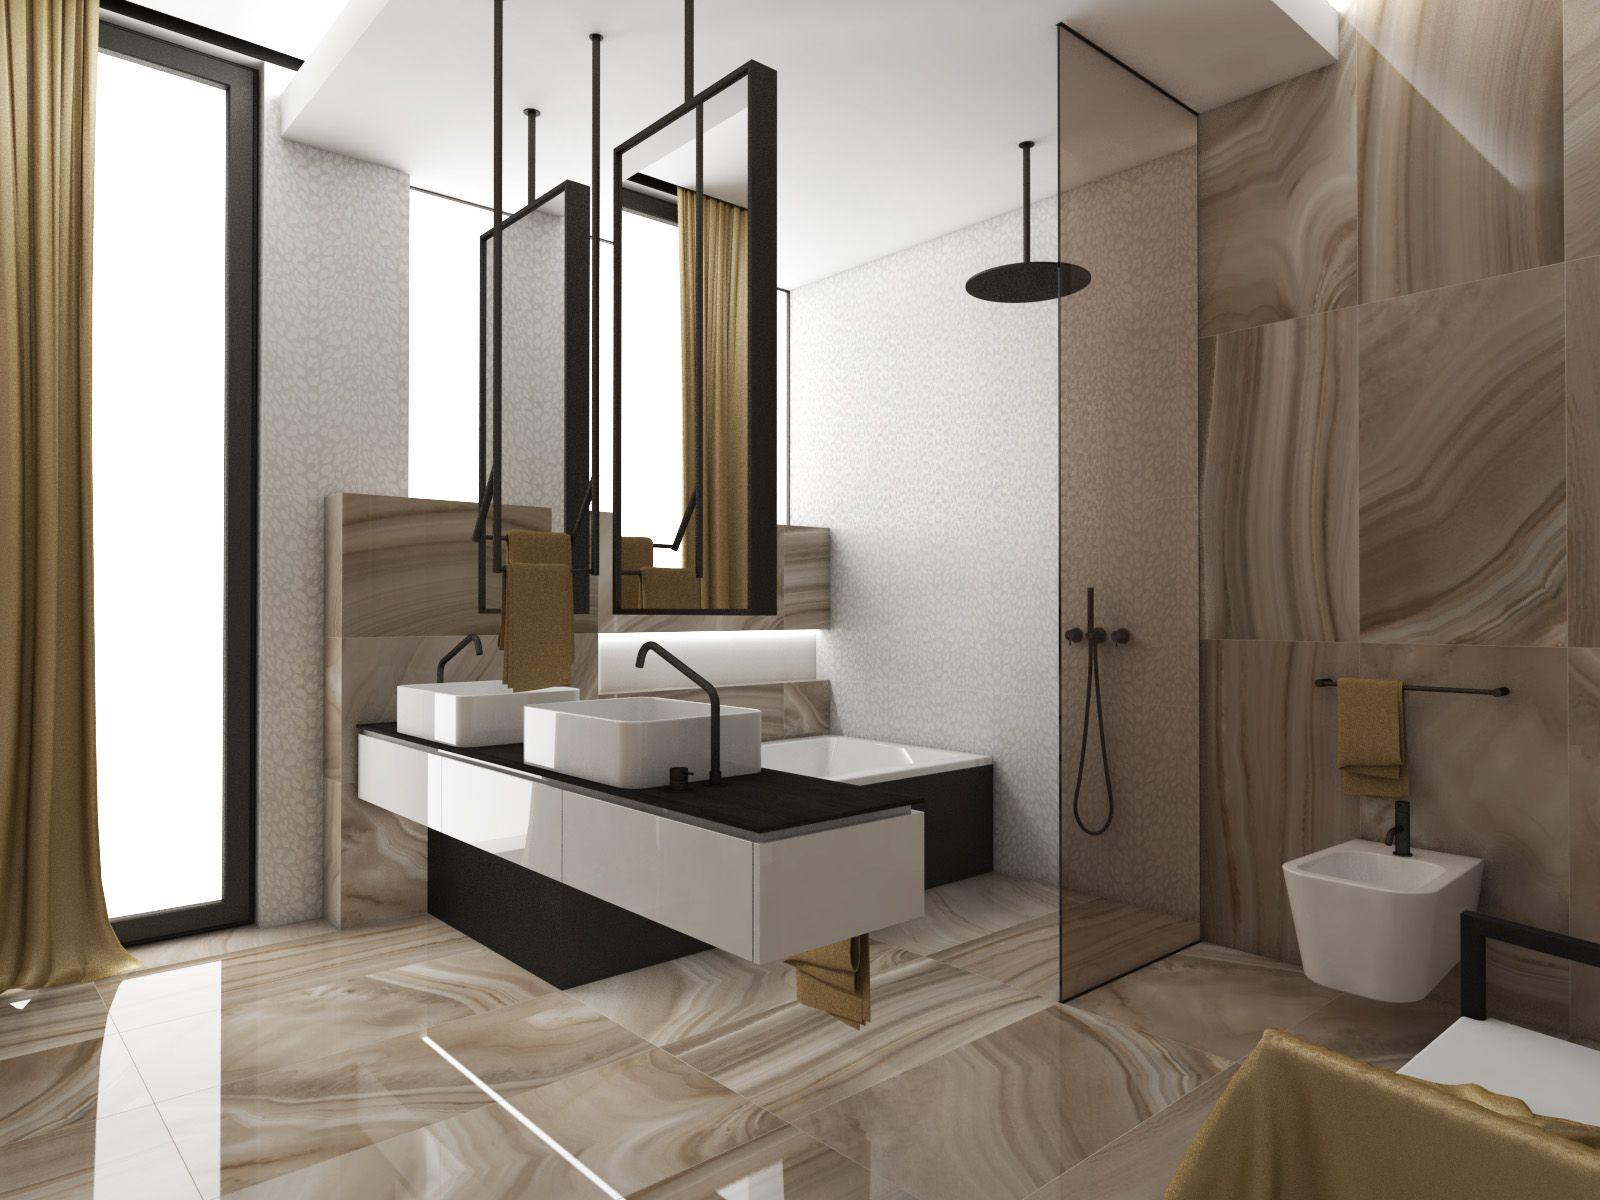 Funkcjonalna, industrialna łazienka z dużymi lustrami